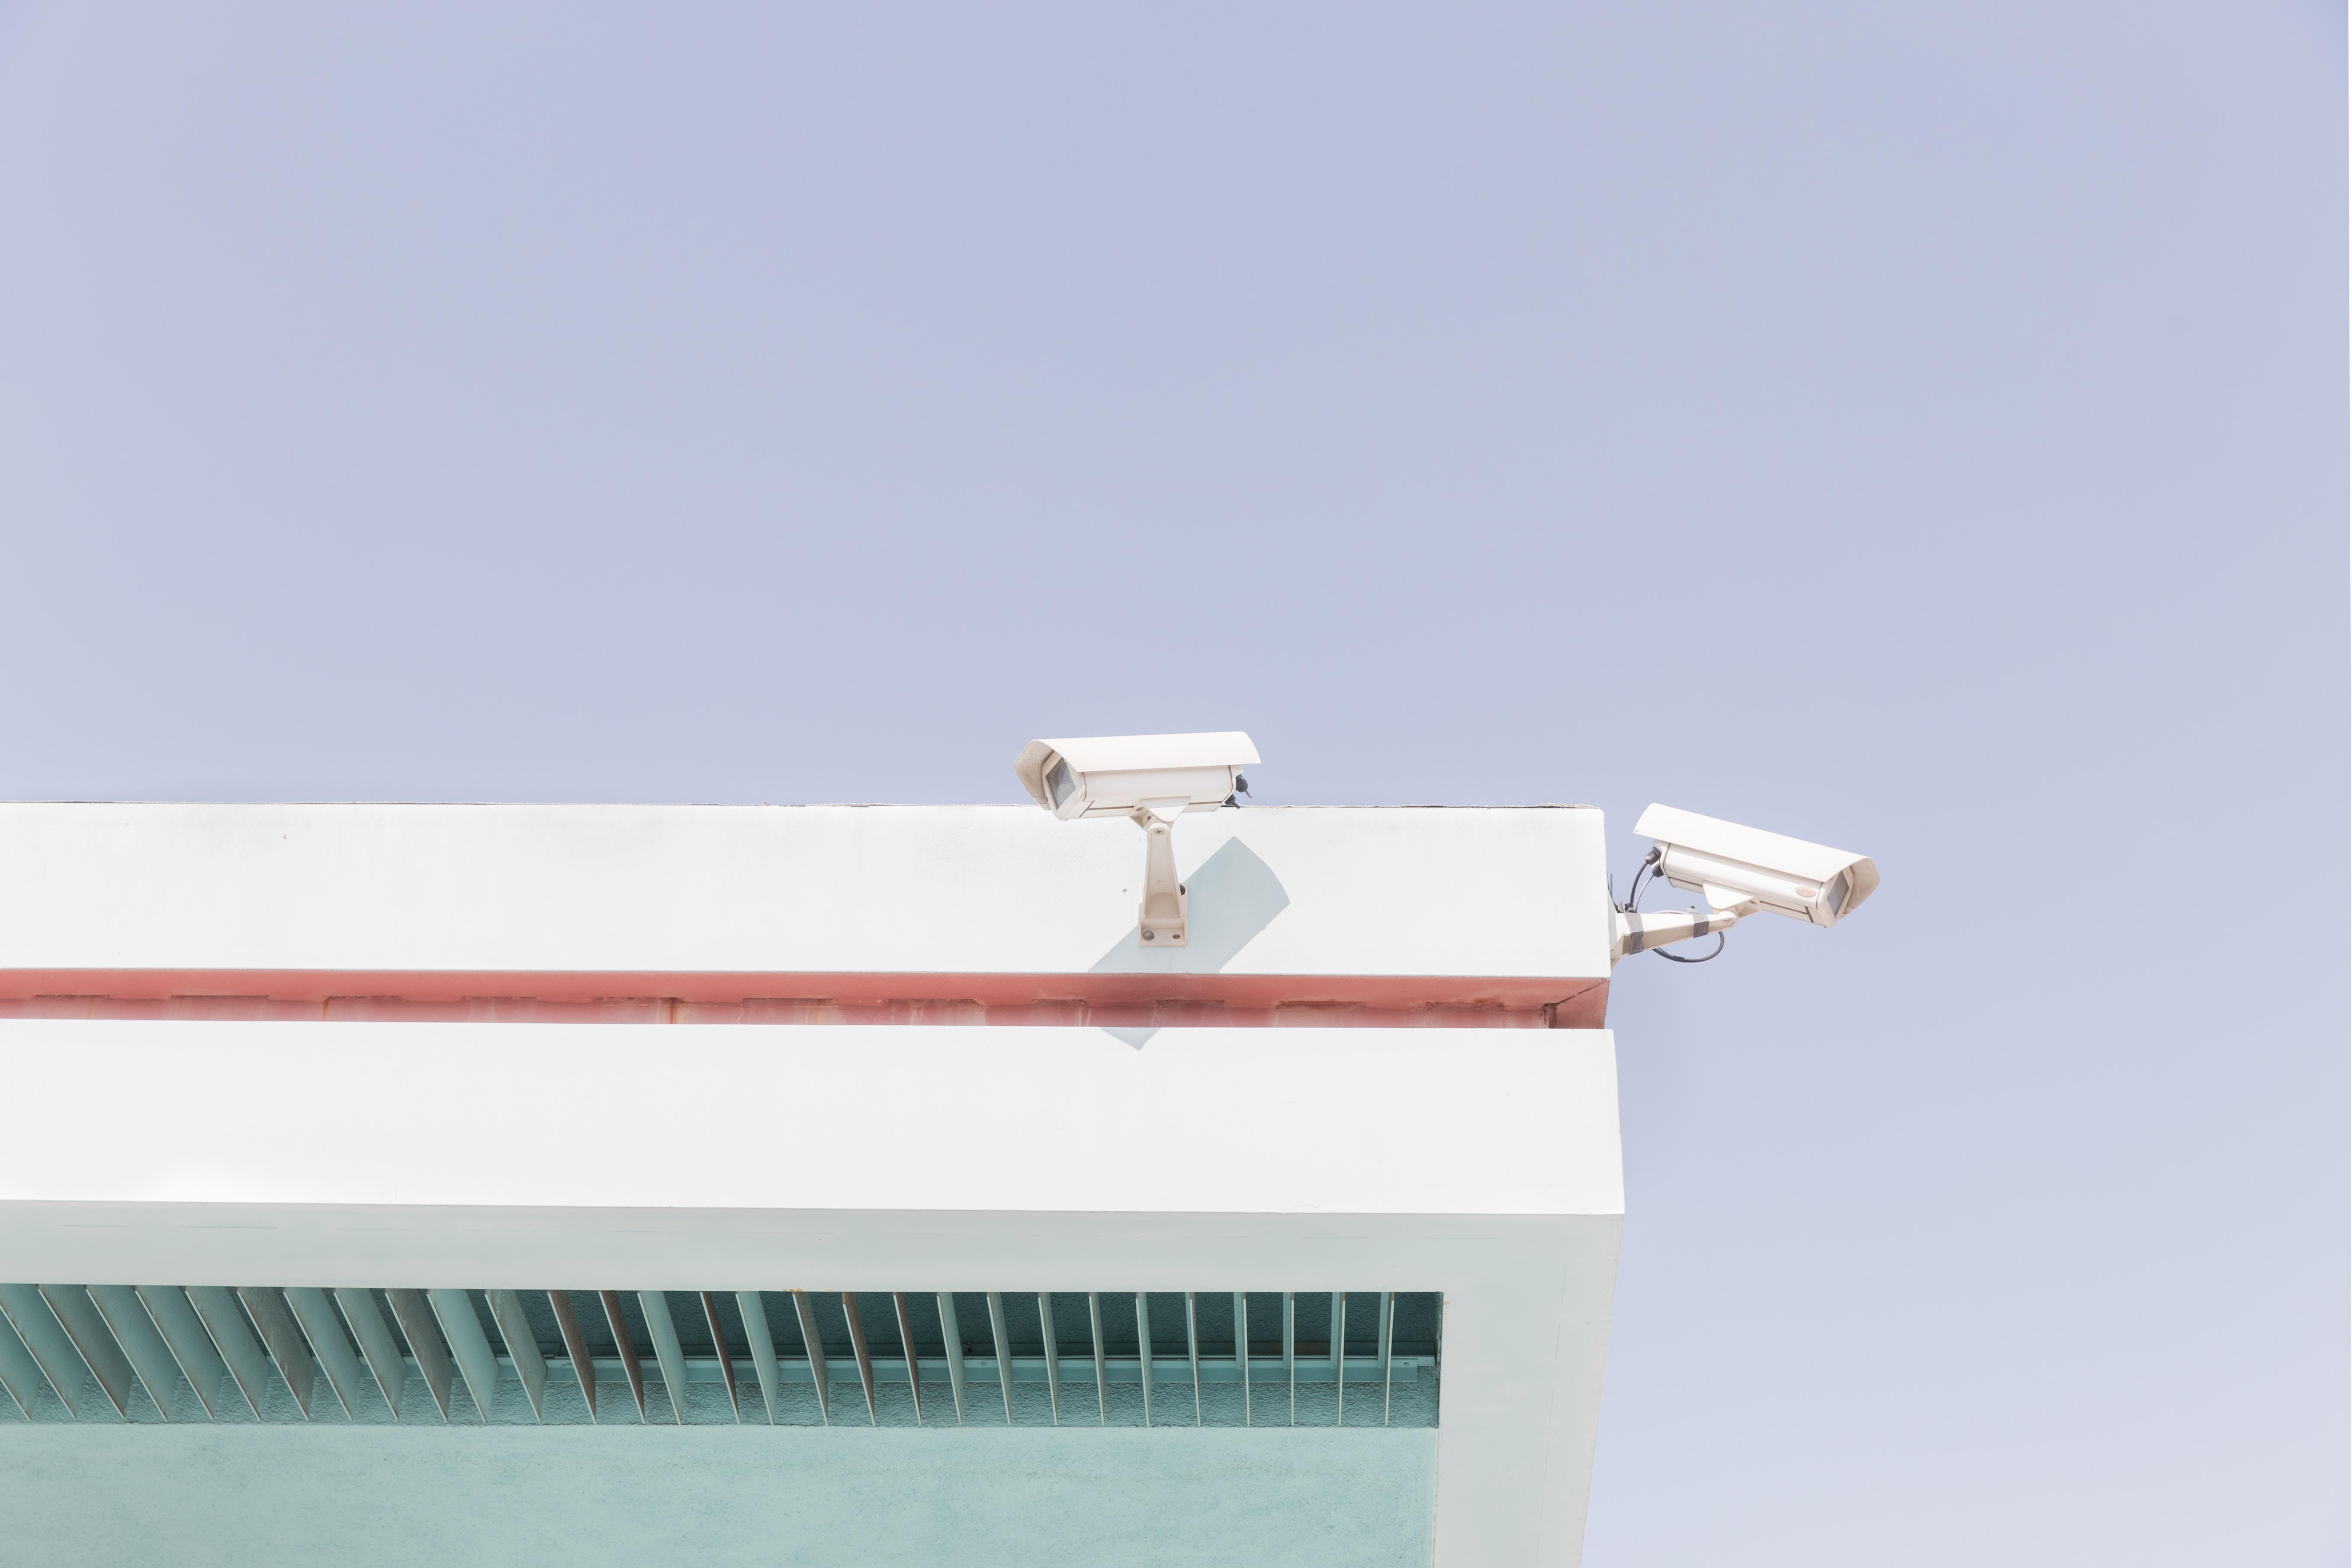 Gratis Afbeeldingen : camera, huis, plafond, verlichting, toezicht ...